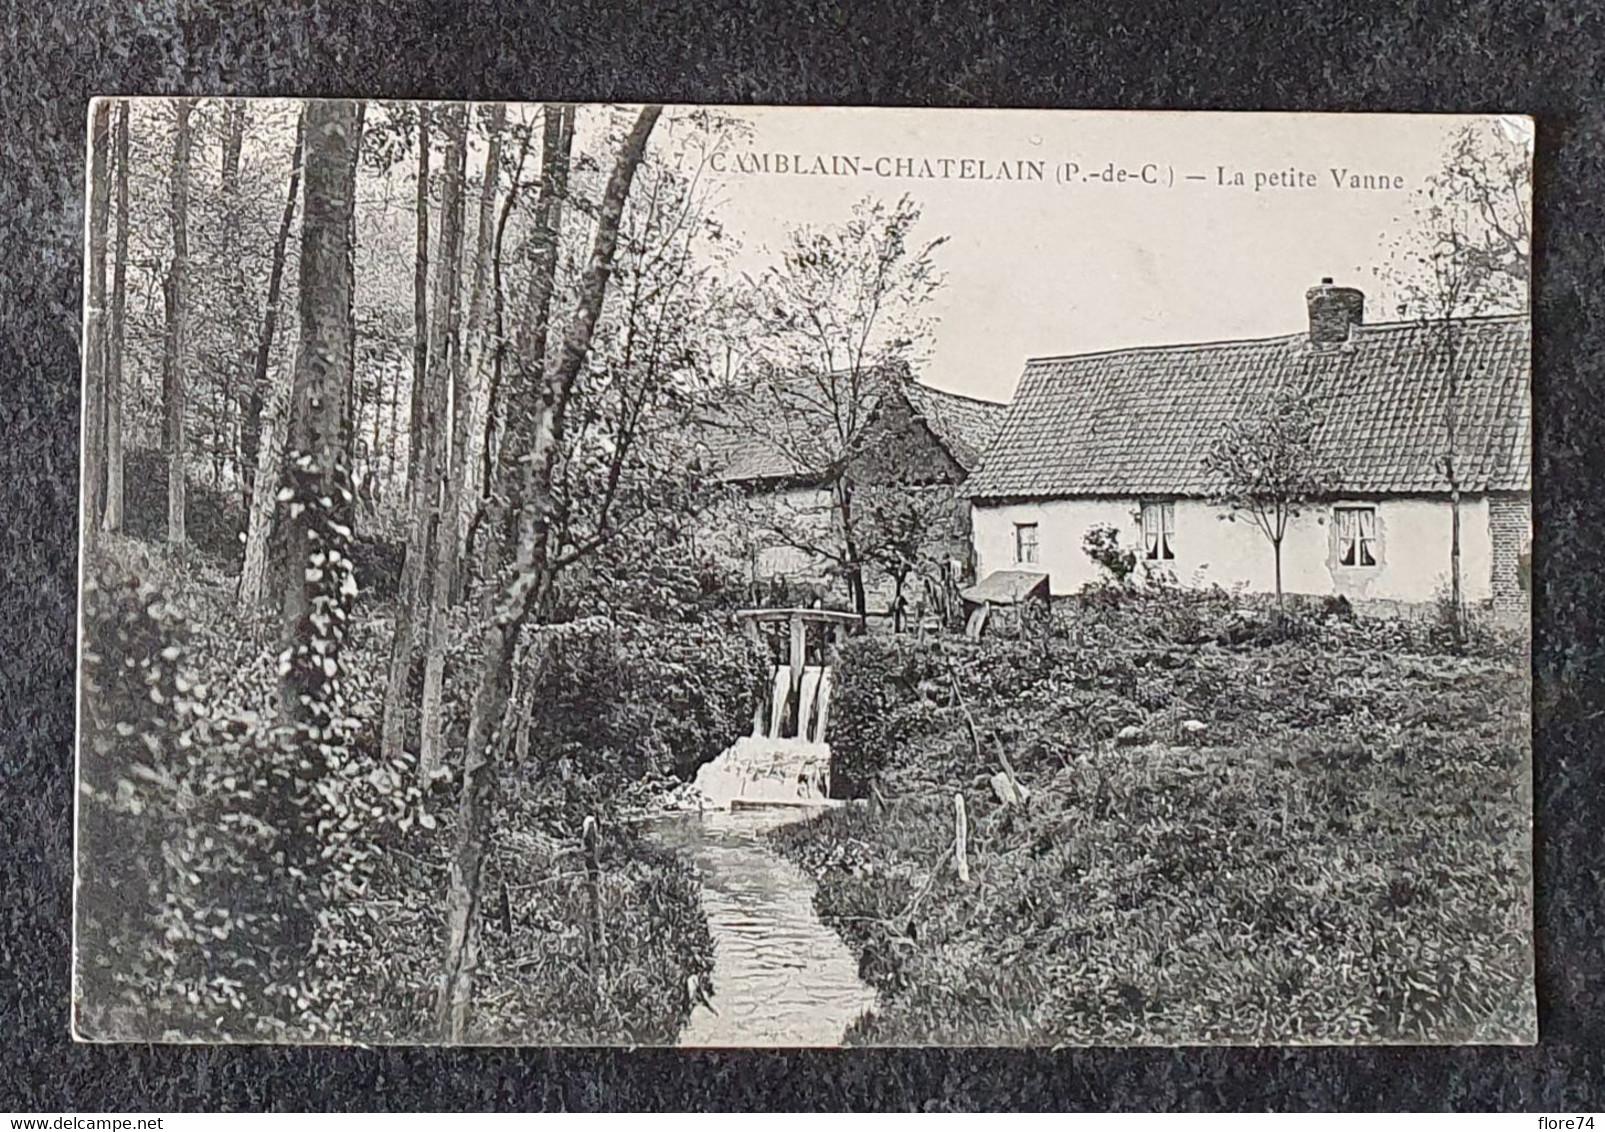 Pas-de-Calais : Camblain-Chatelain, Calais, Boulogne-sur-Mer, Le Touquet Hôtel Du Golf, Hesdin - Autres Communes